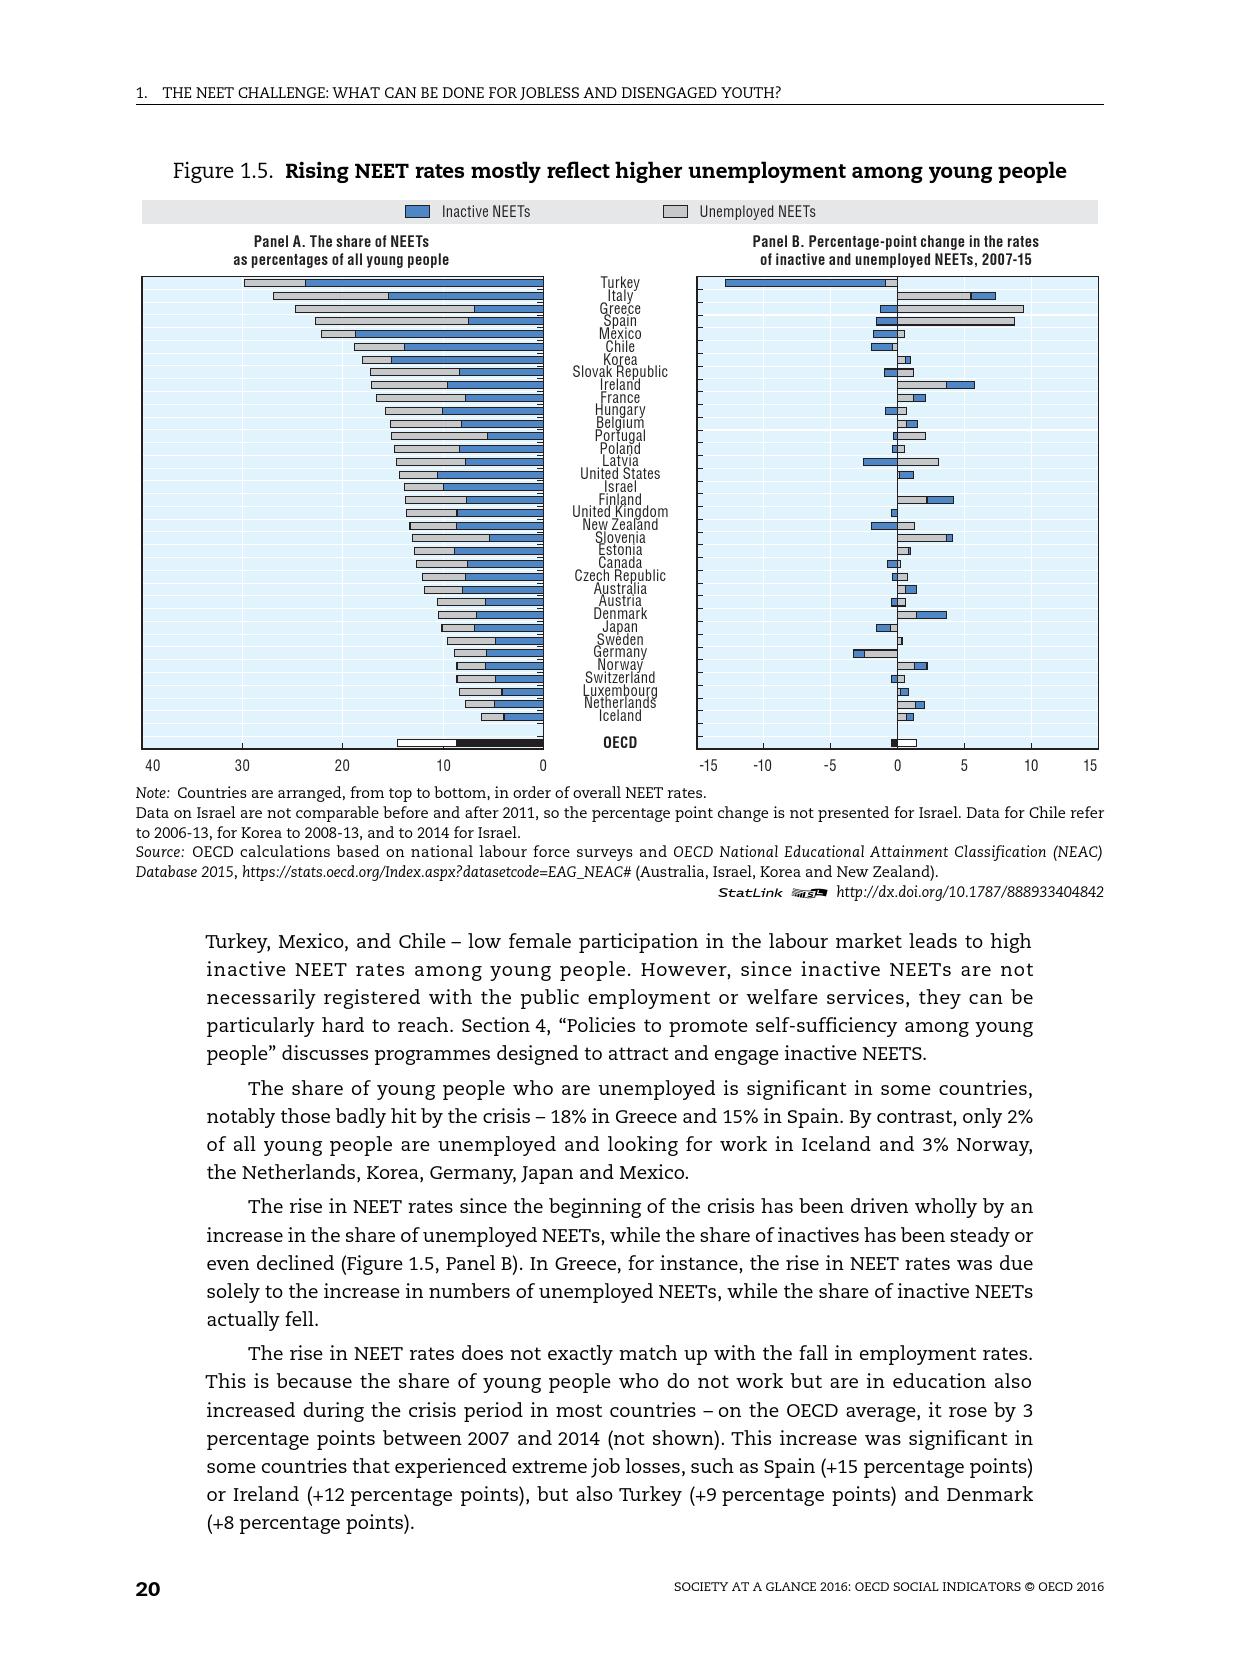 2016年OECD国家社会概览报告_000022